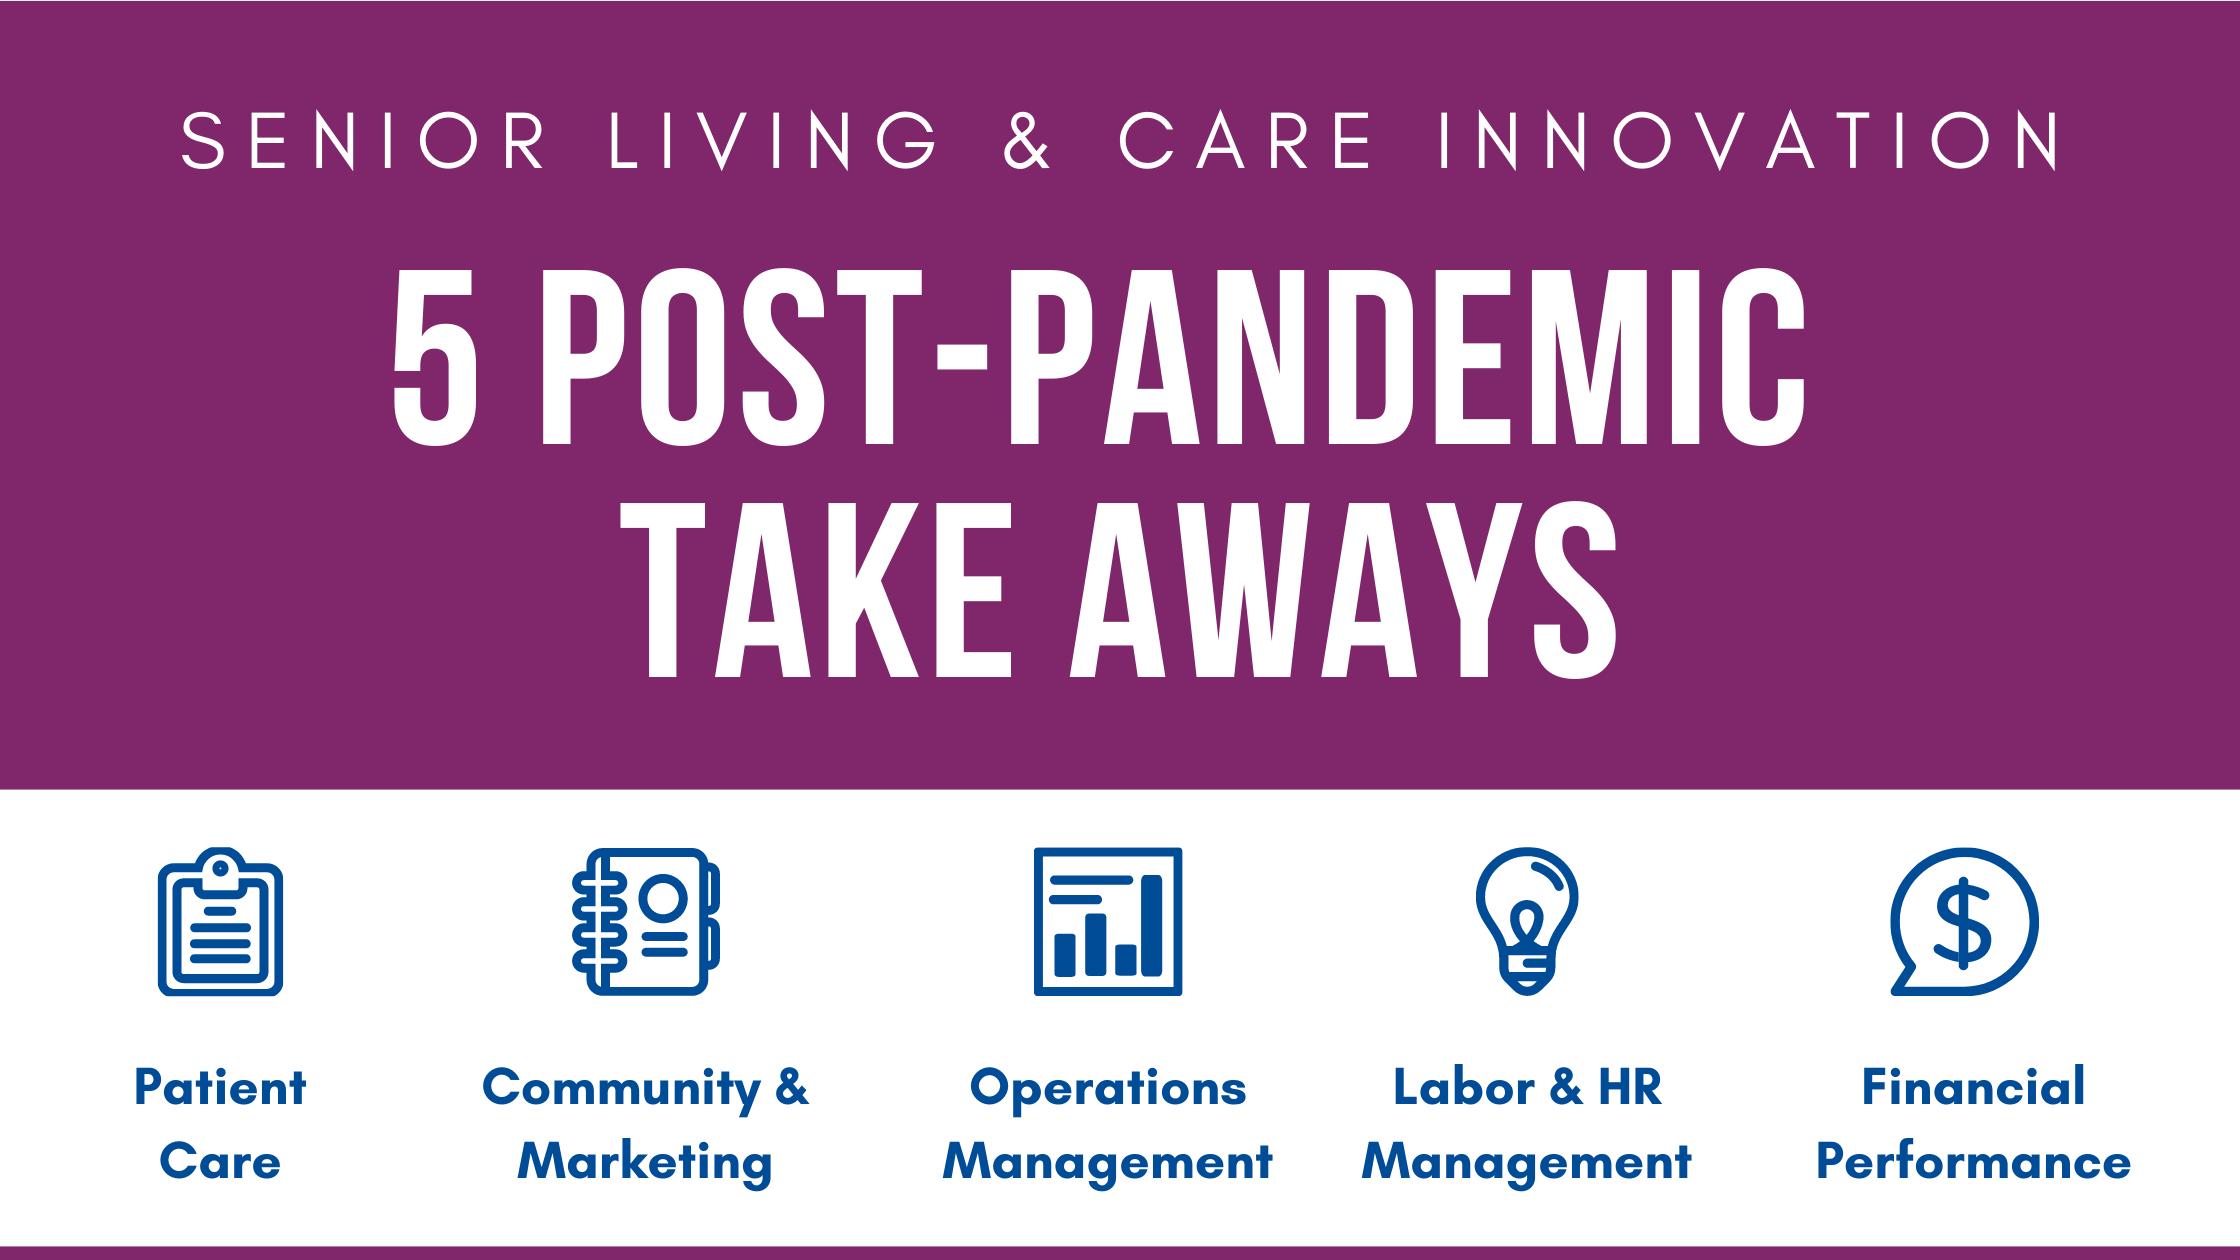 5 Post-Pandemic Takeaways from Senior Care Operators